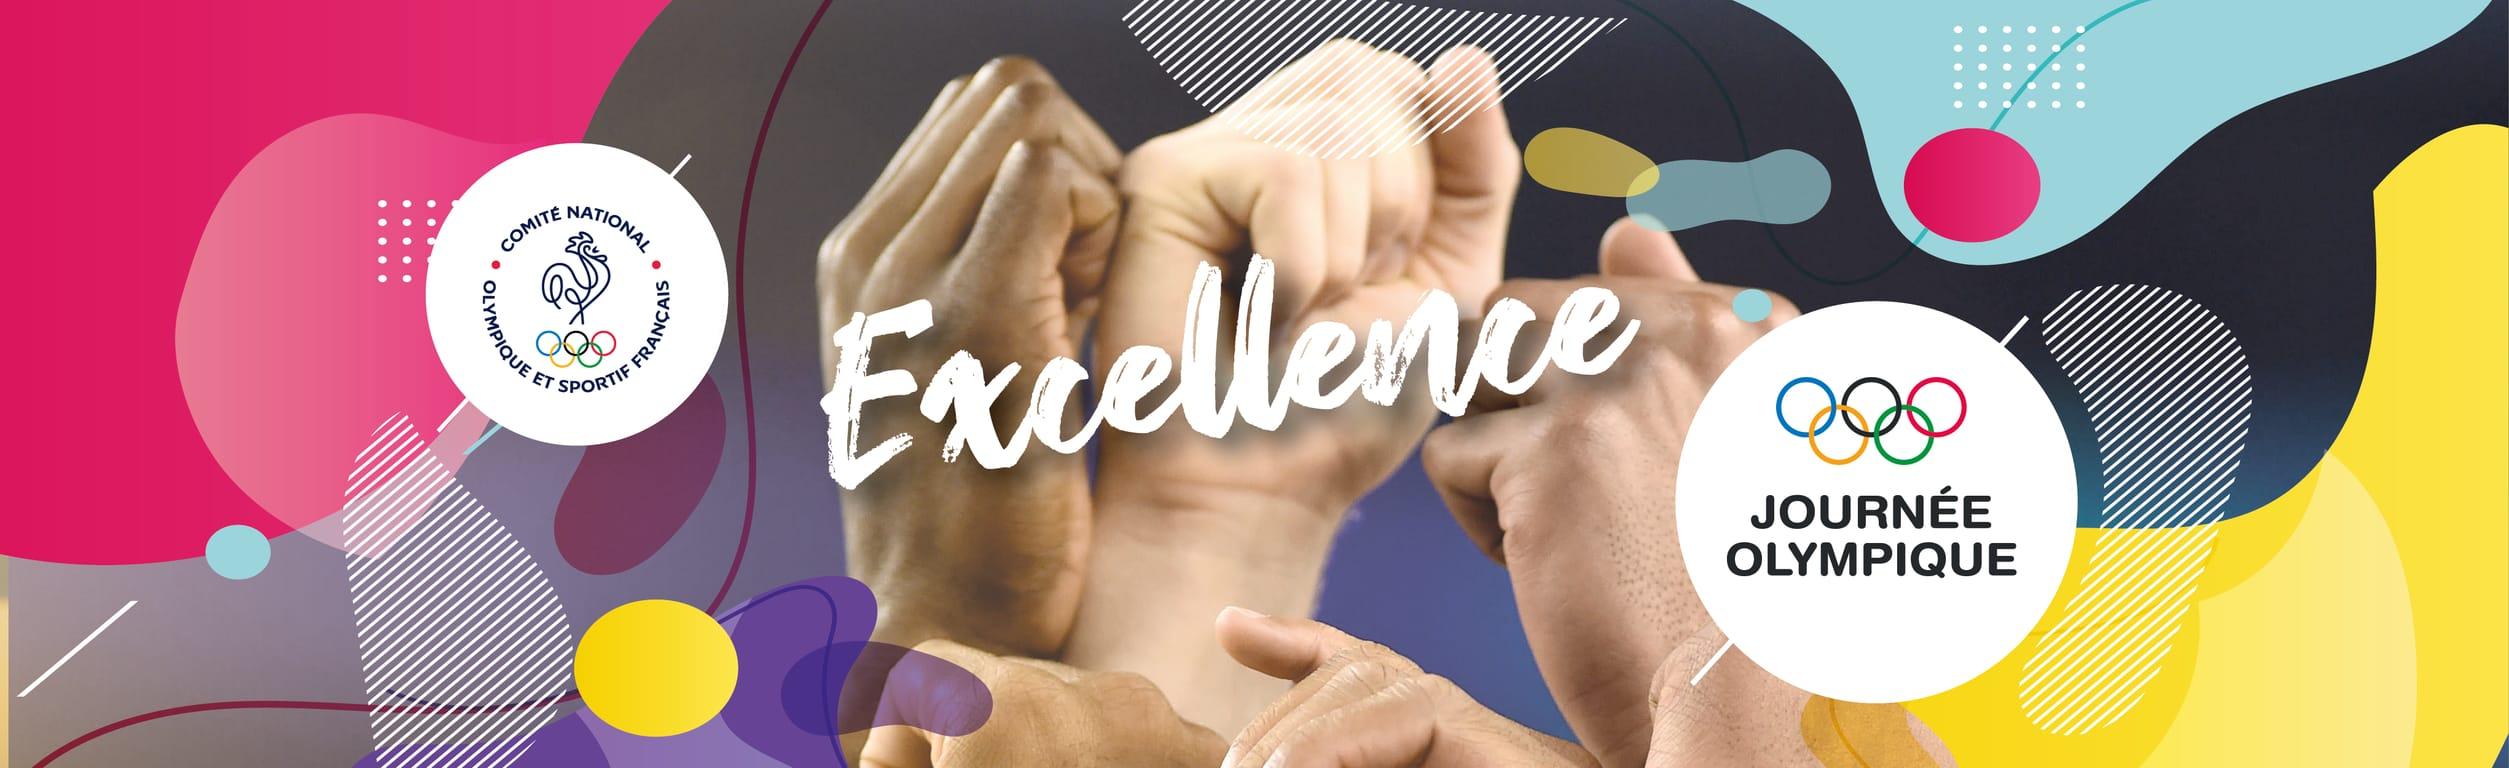 Journée Olympique : débat en live  - Excellence